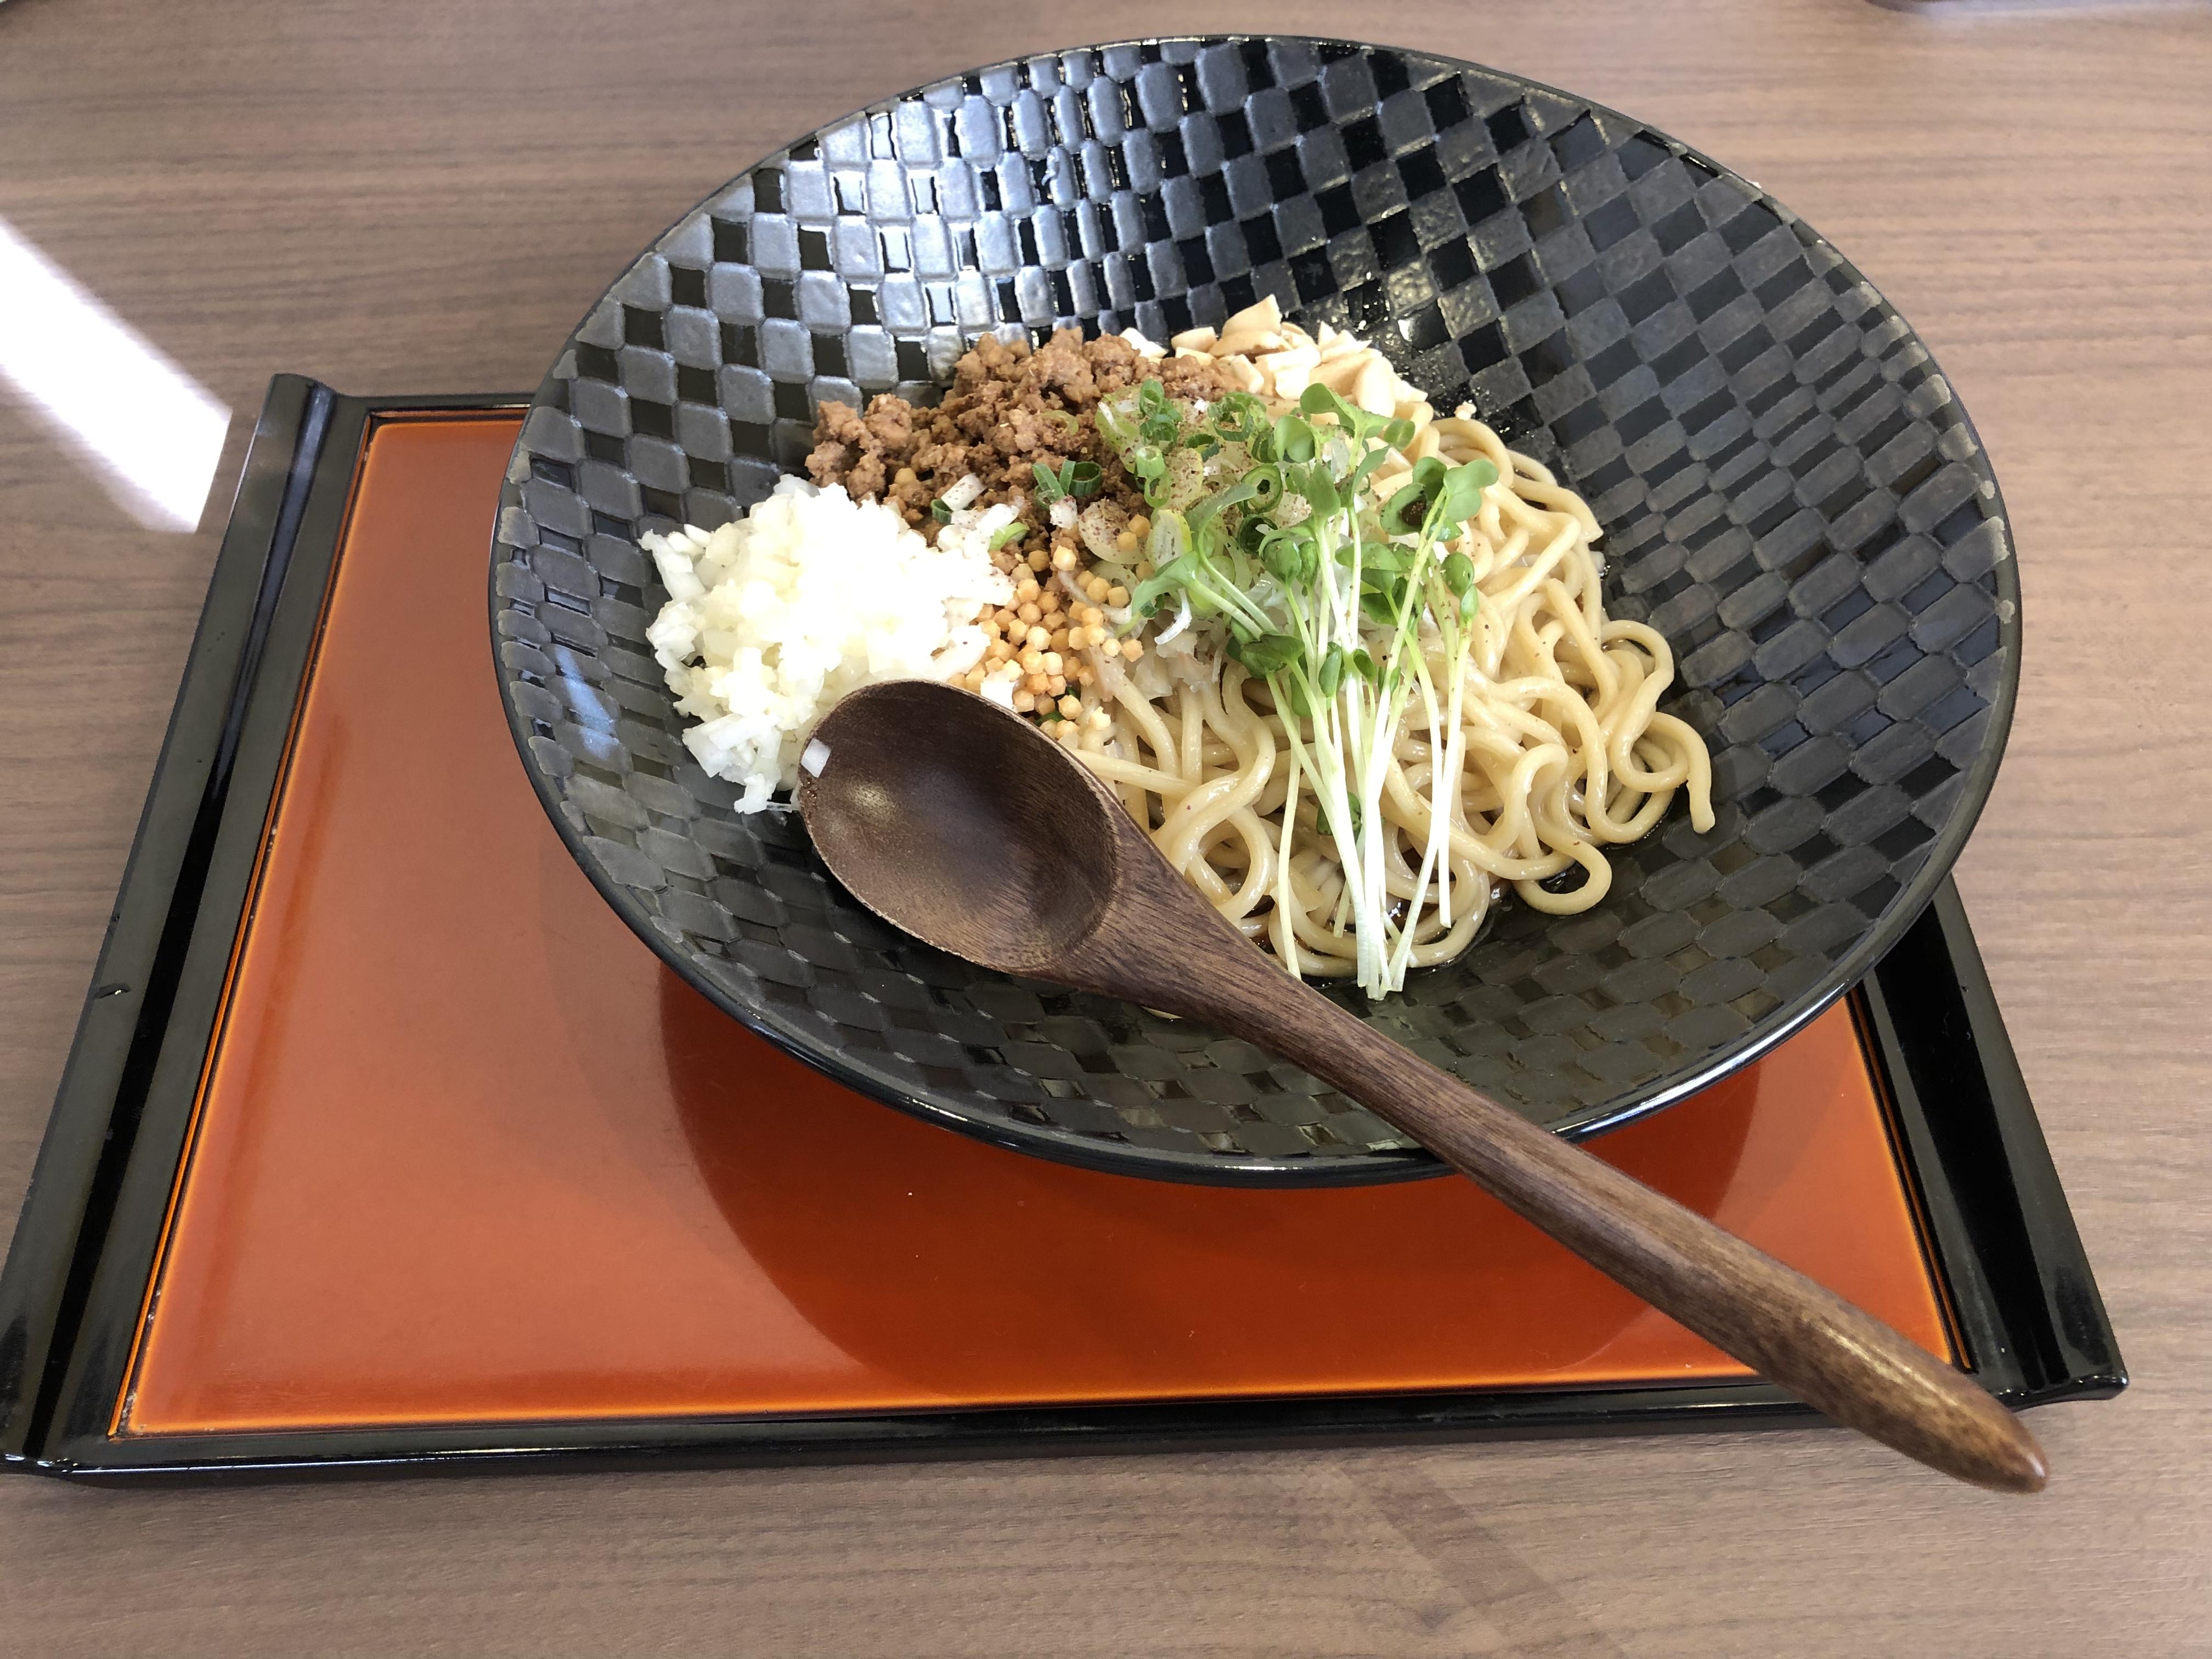 11月6日リニューアルオープン、担々麺専門店「發巳」、花椒香る絶品汁なし担々麺は流石の一言でした